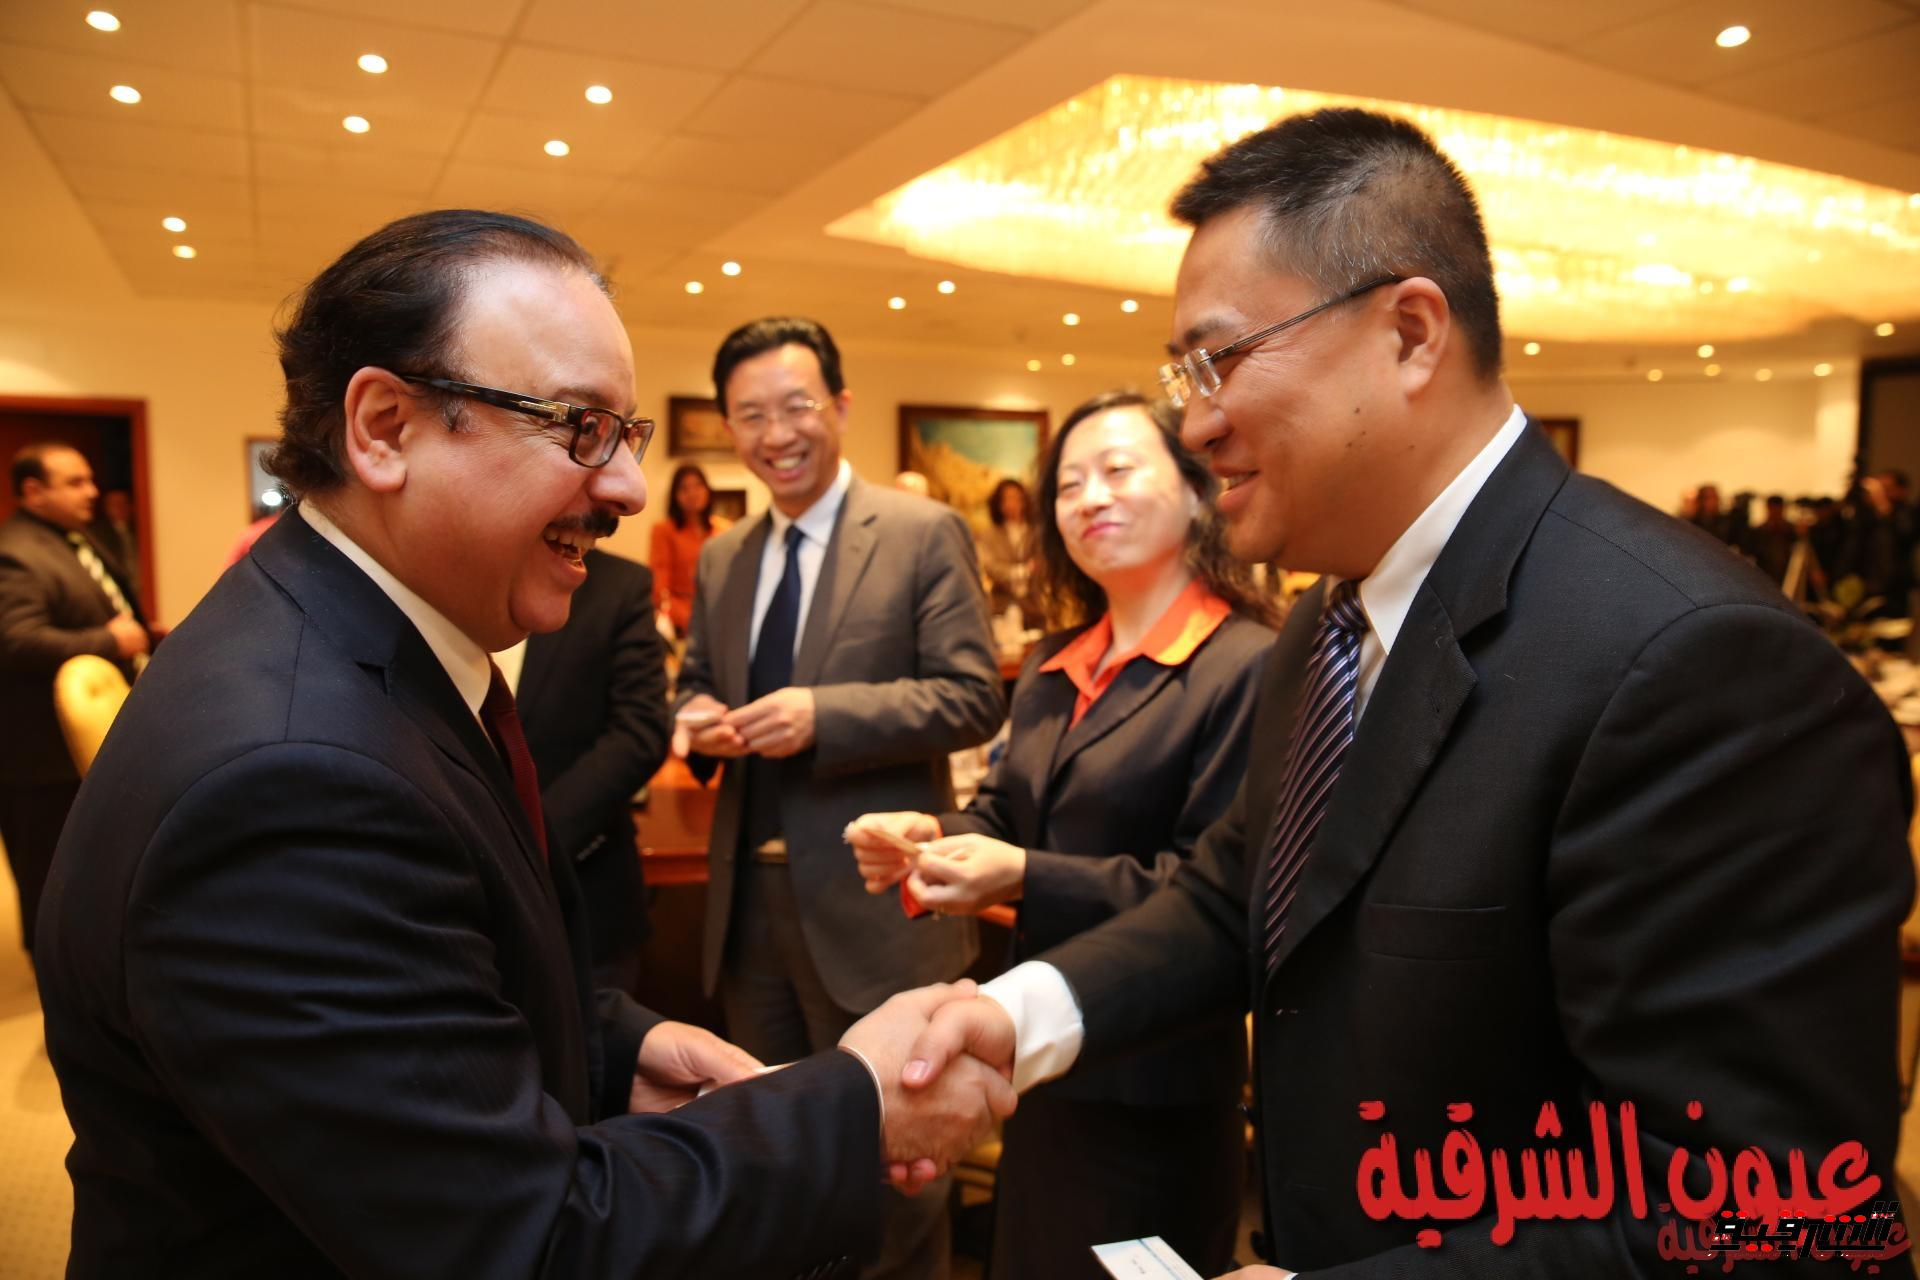 ايتيدا تستضيف منتدى الأعمال الأول لشركات الاتصالات المصرية الصينية